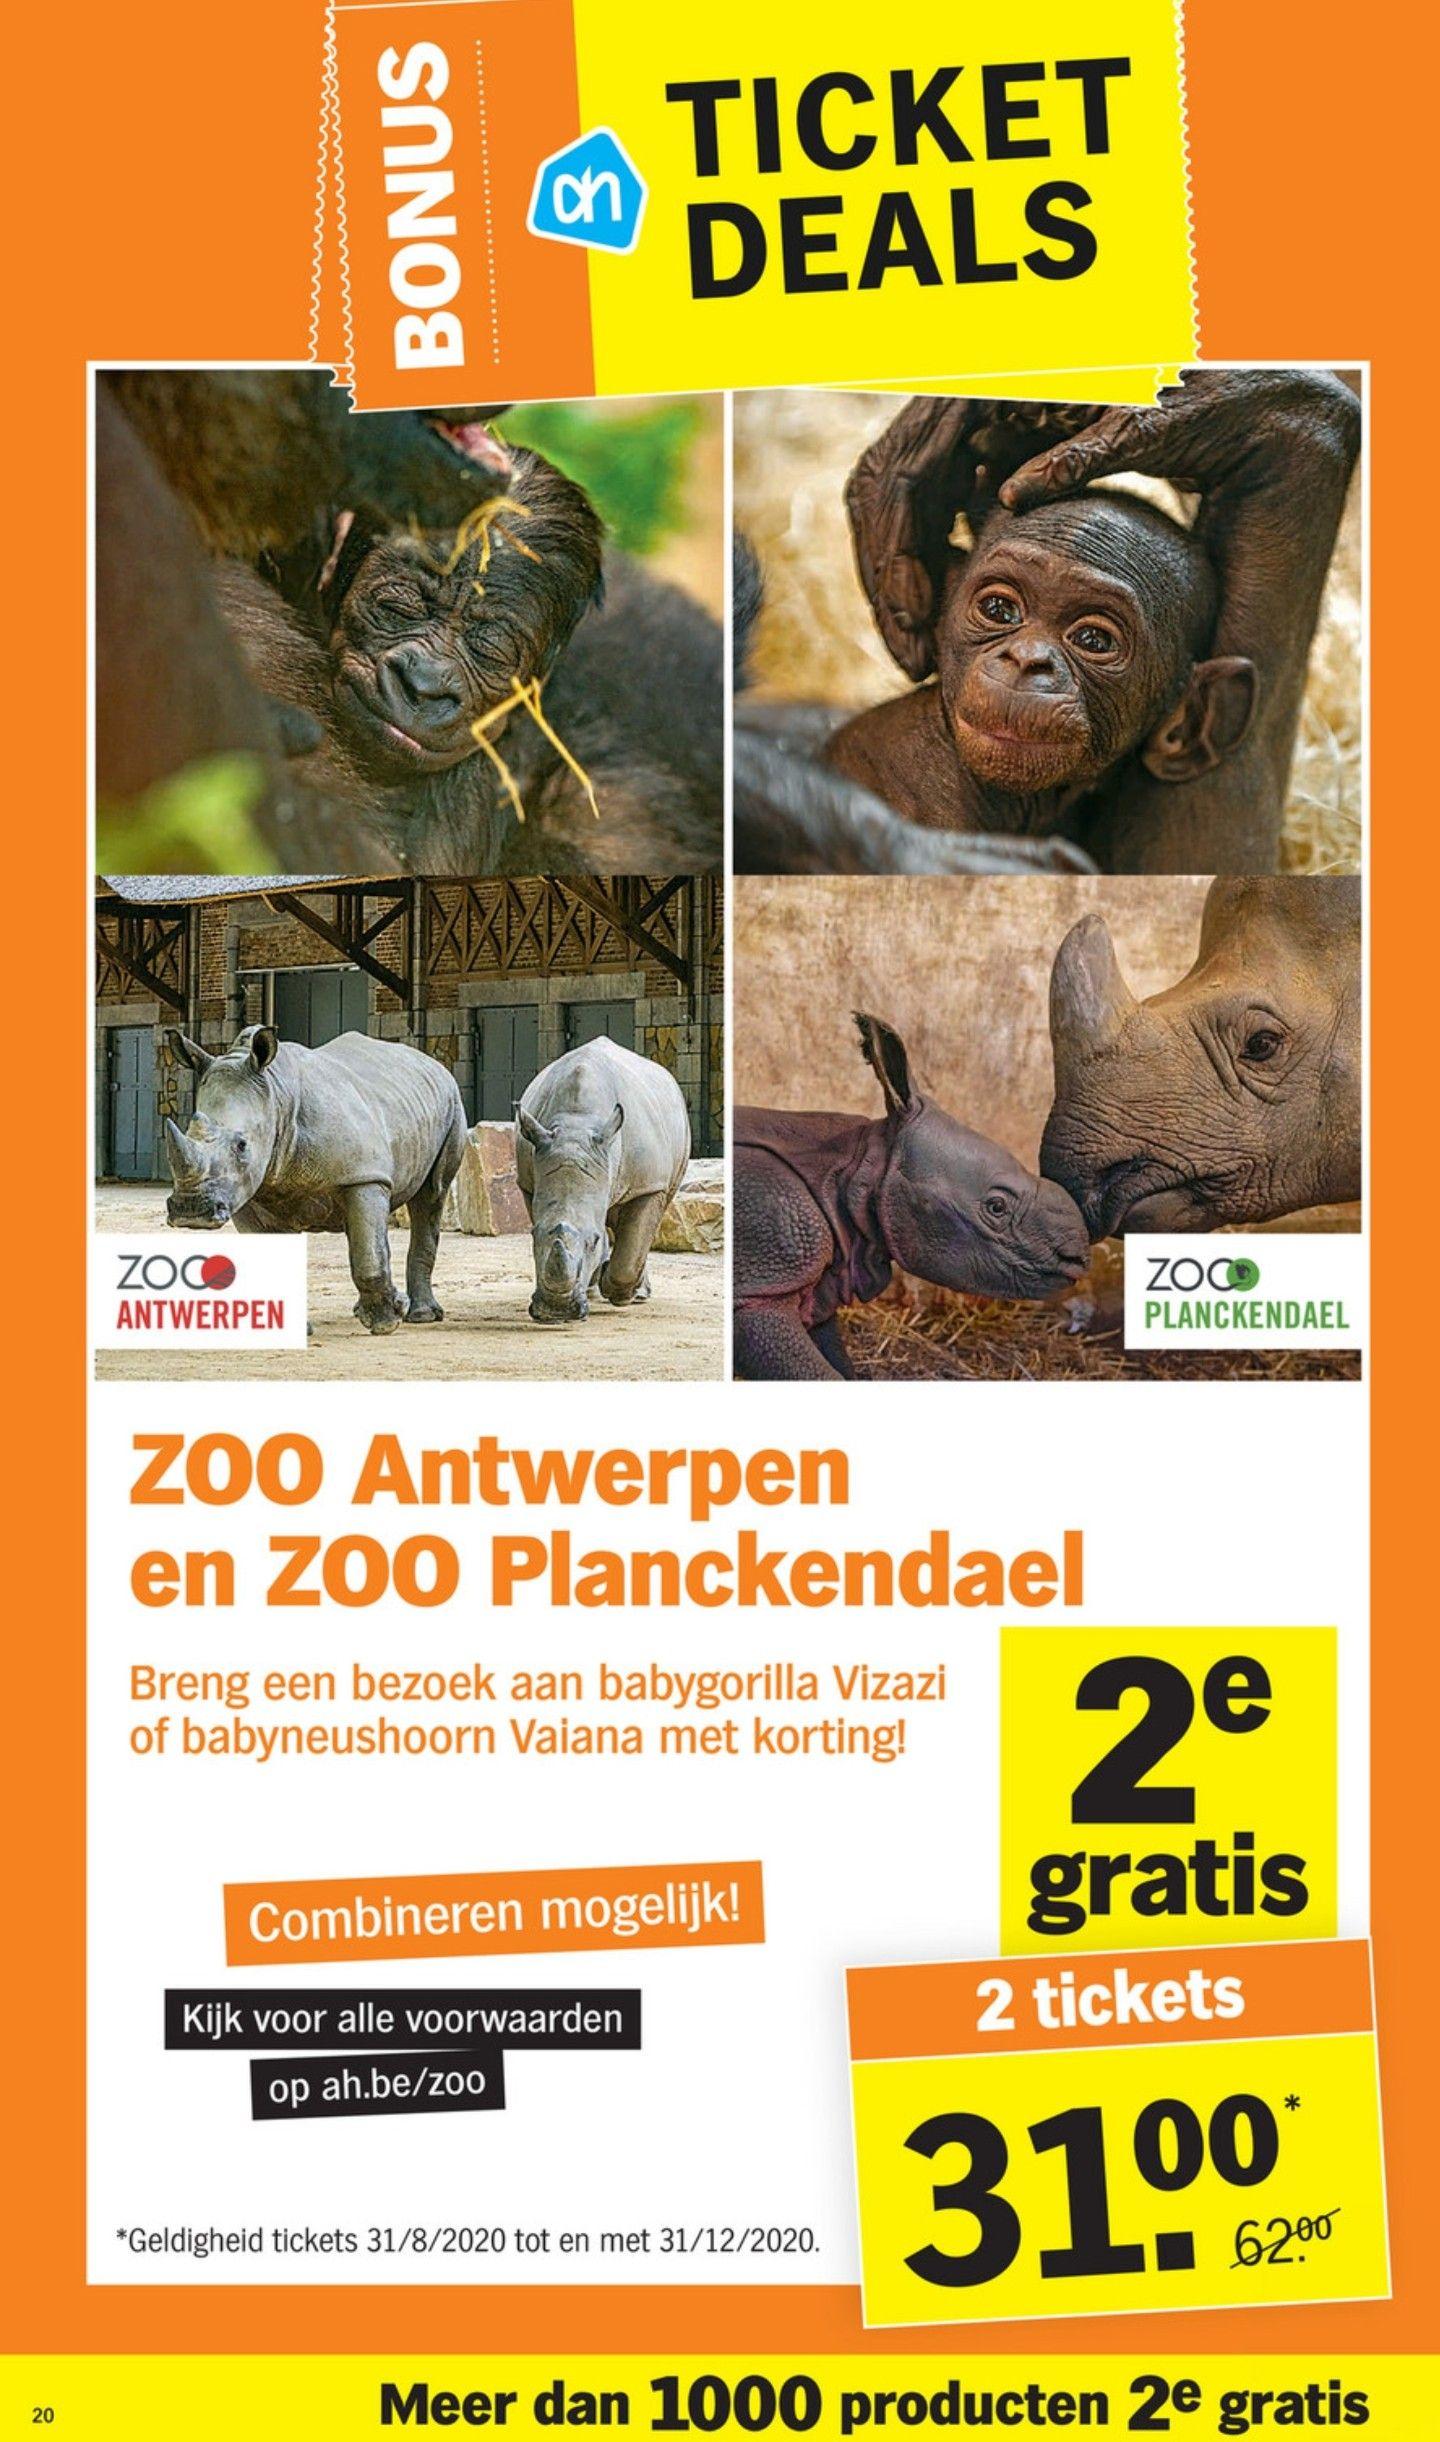 [GRENSDEAL BELGIË] 1+1 gratis op tickets voor ZOO Antwerpen en ZOO Planckendael bij Albert Heijn